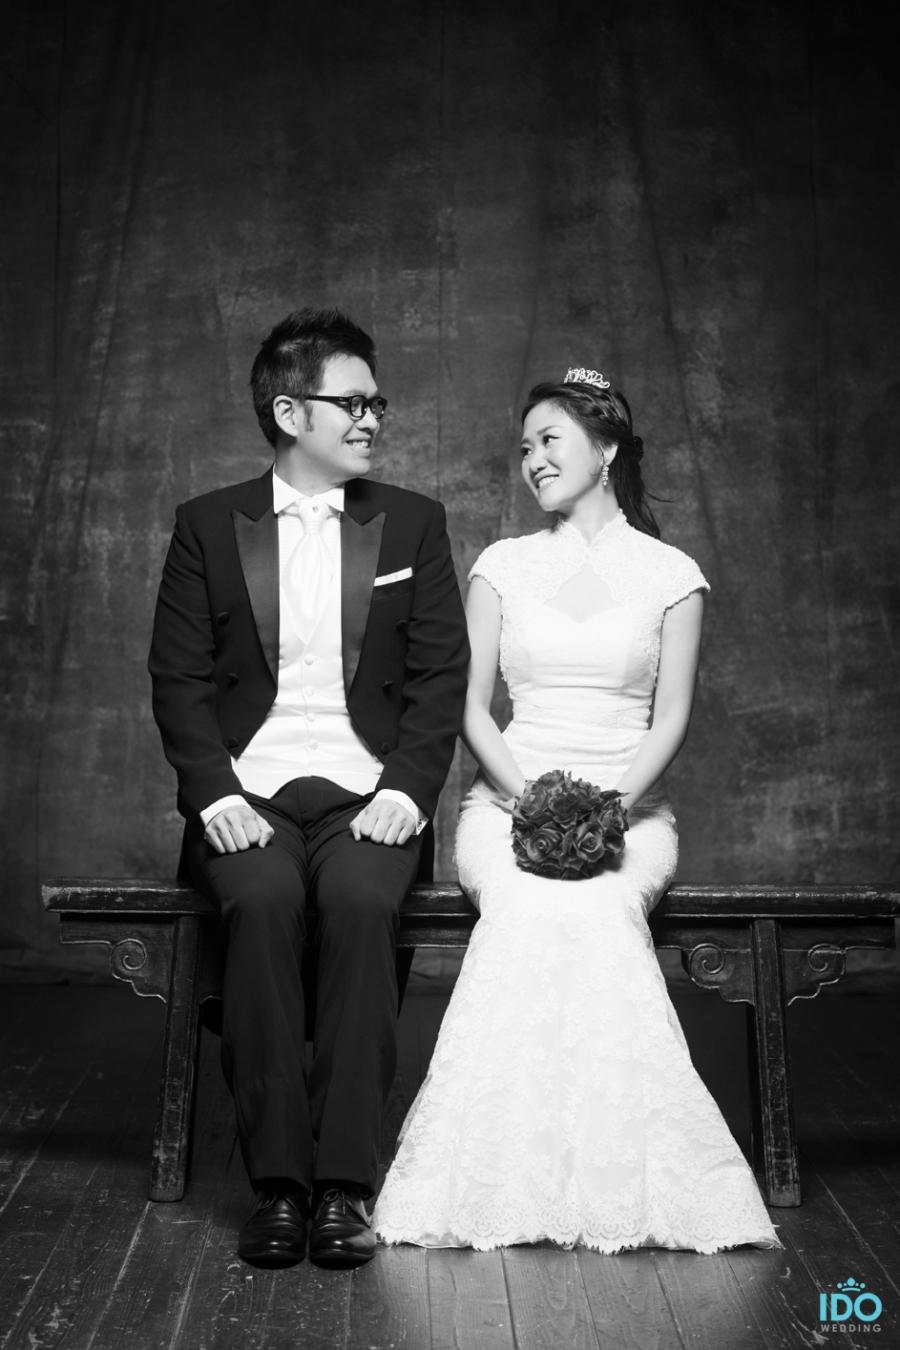 koreanweddingphotography_ps2203